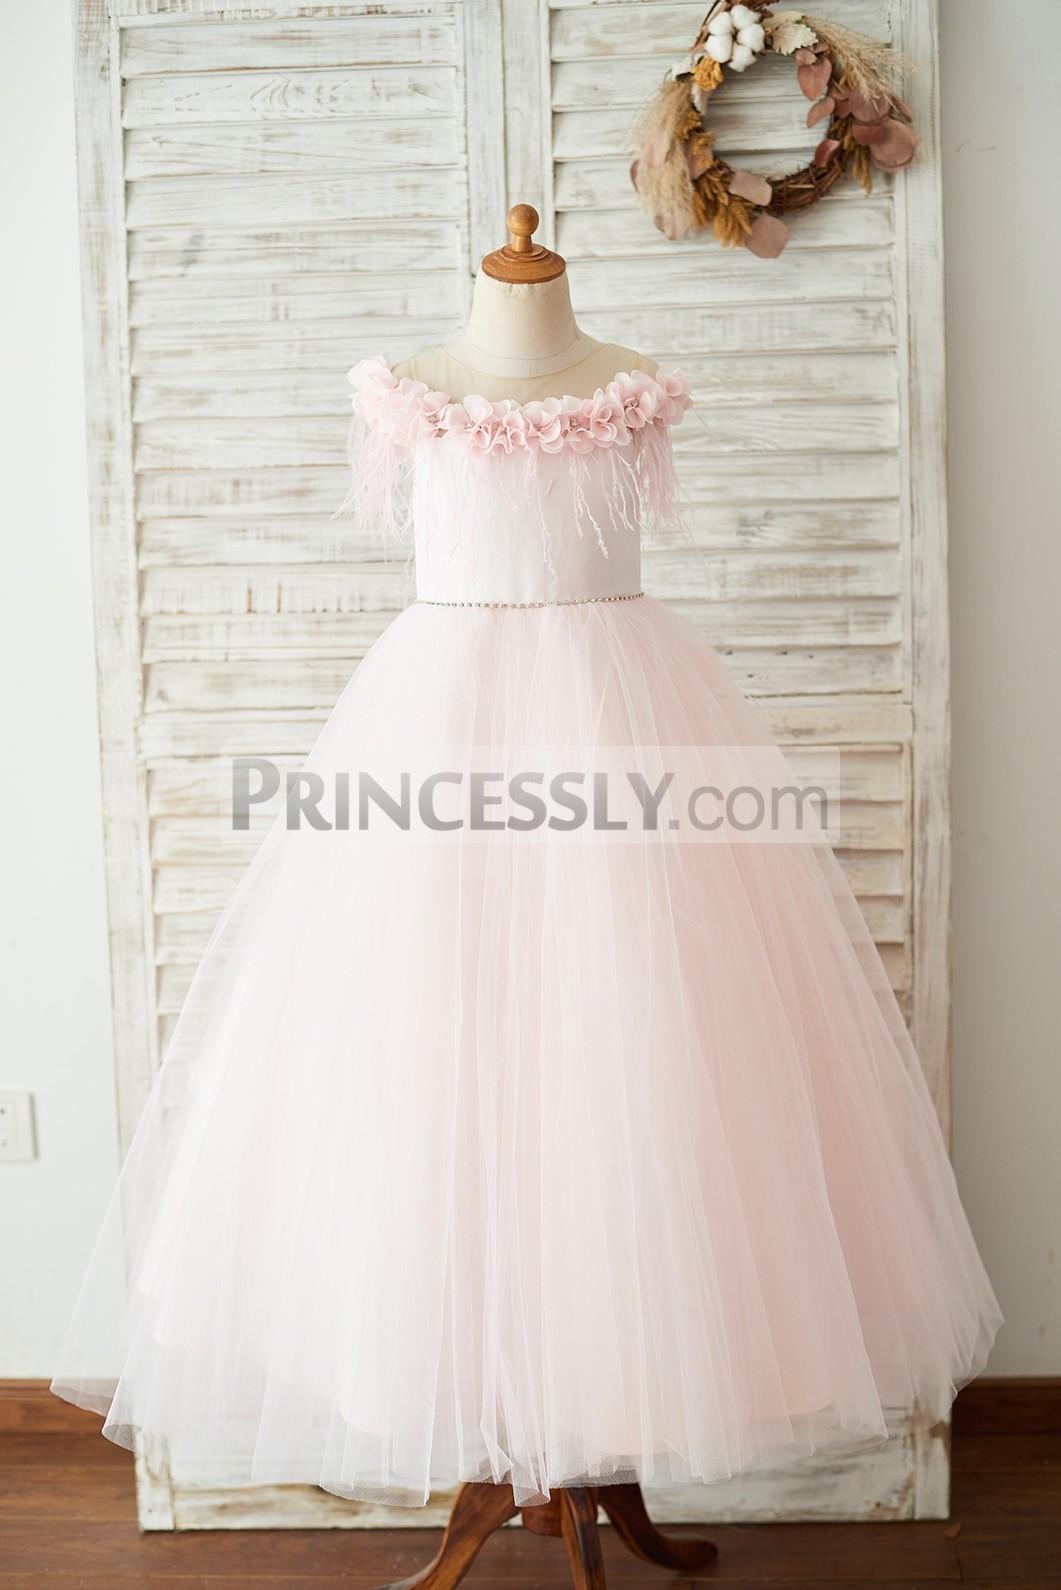 3D Flowers Off shoulder pink satin tulle wedding flower girl dress